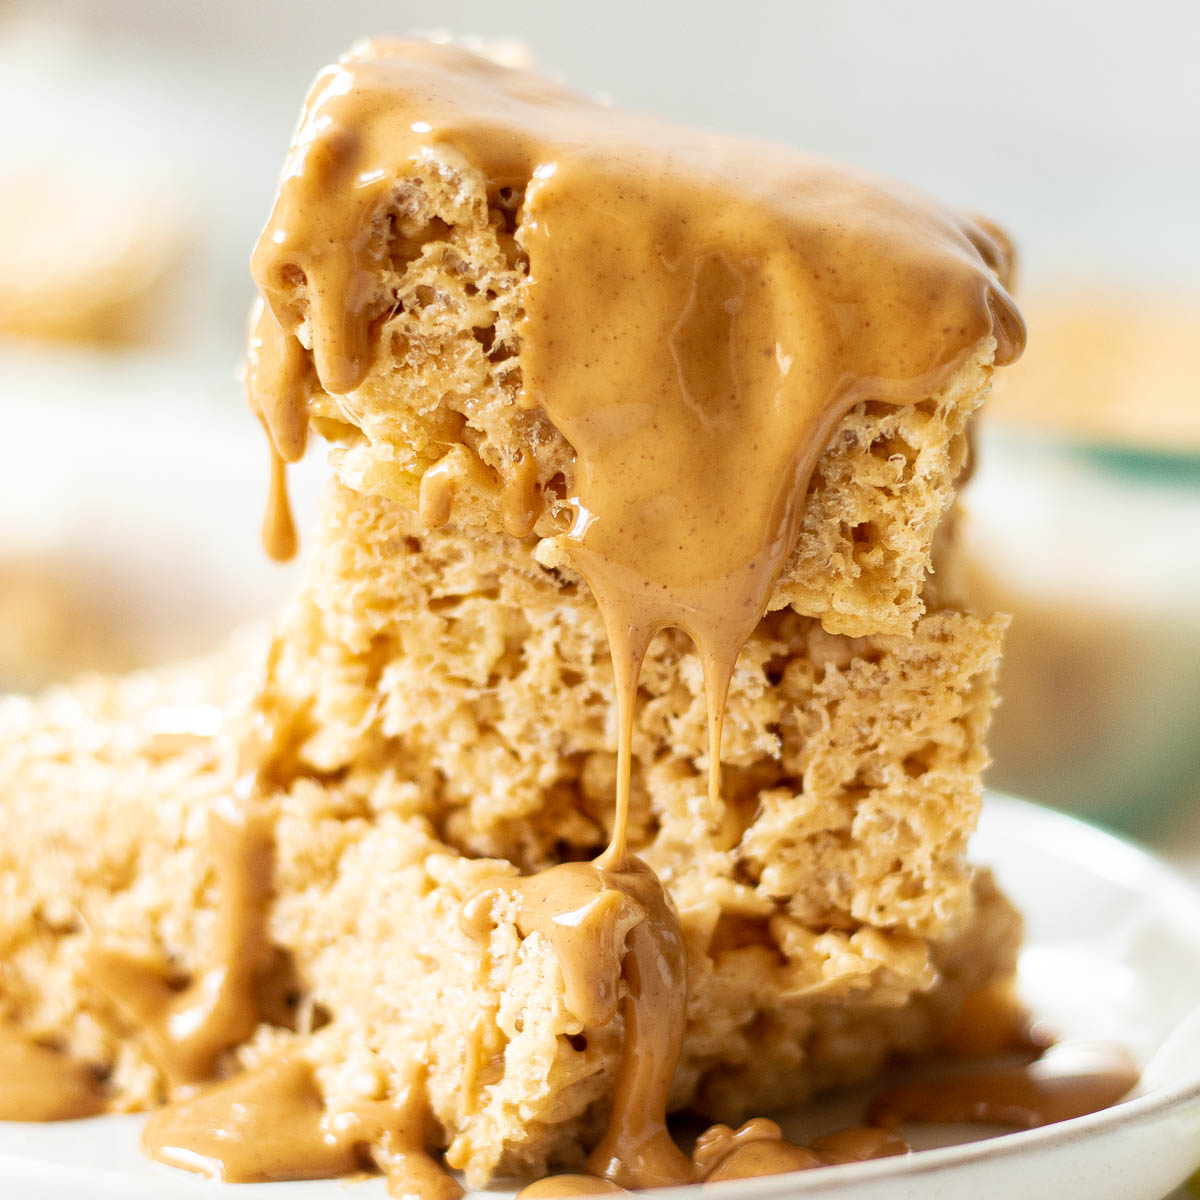 peanut butter rice krispie treats drizzled in peanut butter